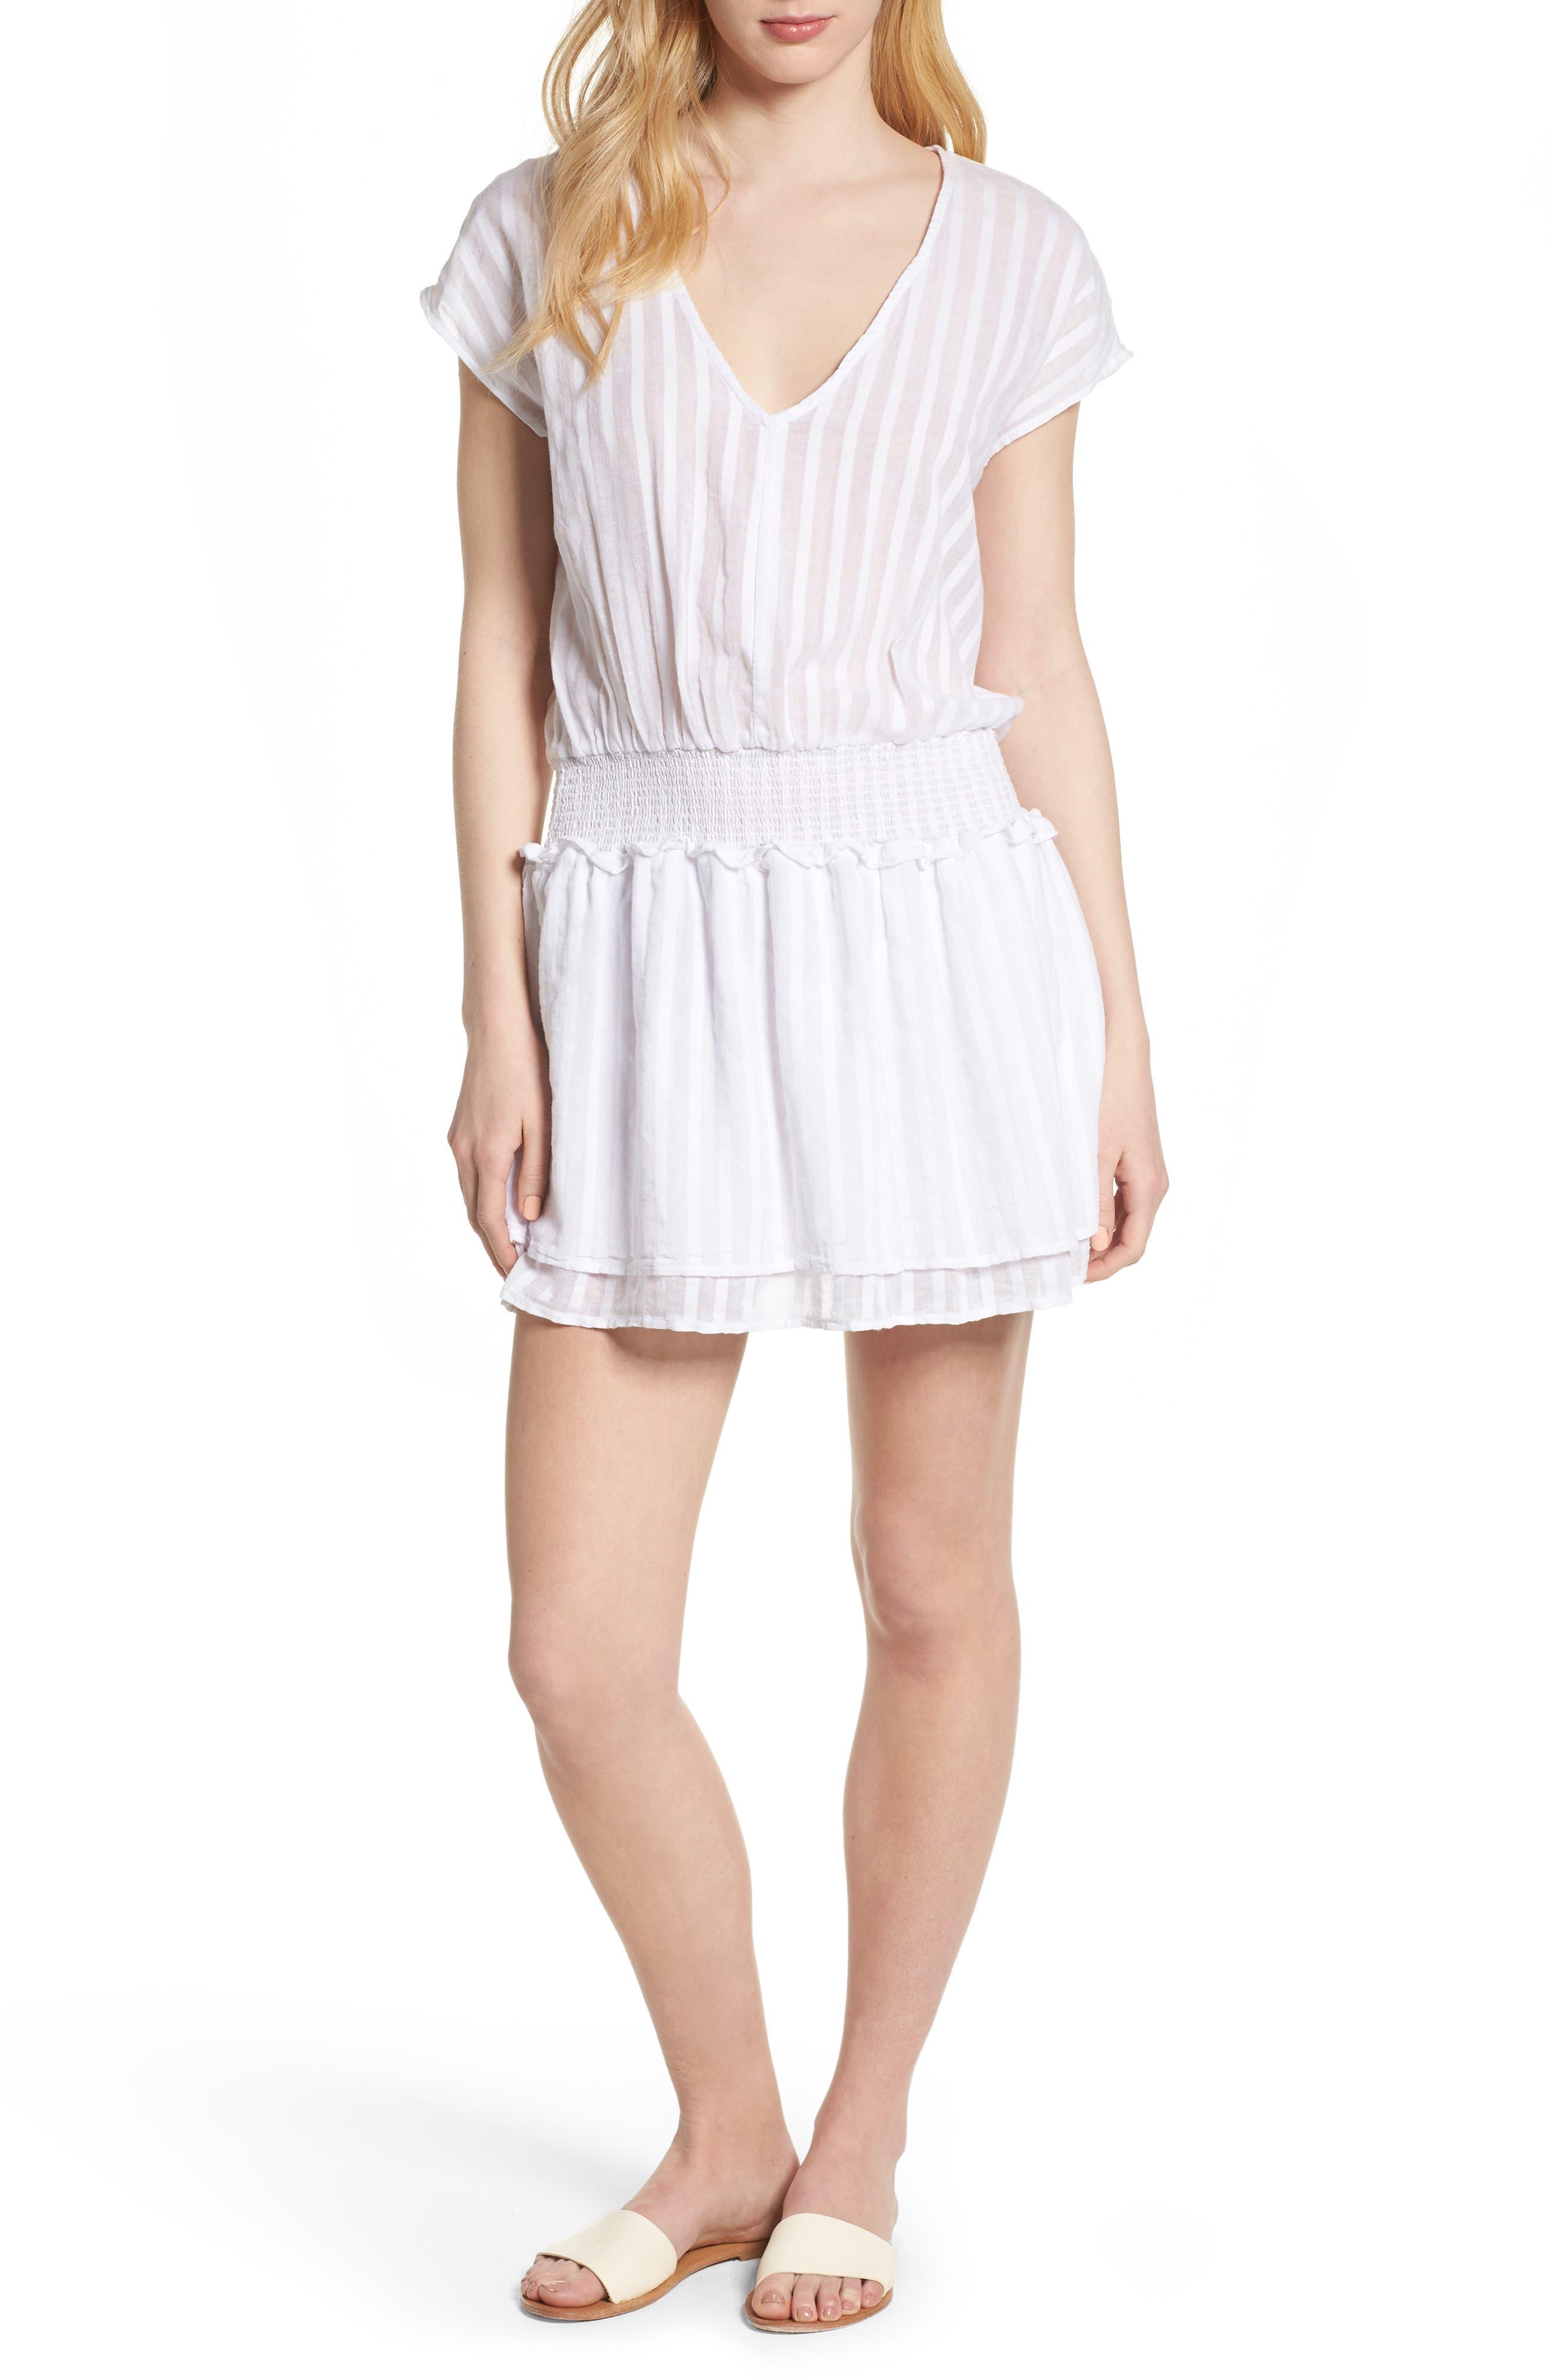 Lucca Blouson Cotton Dress,                         Main,                         color, WHITE SHADOW STRIPE